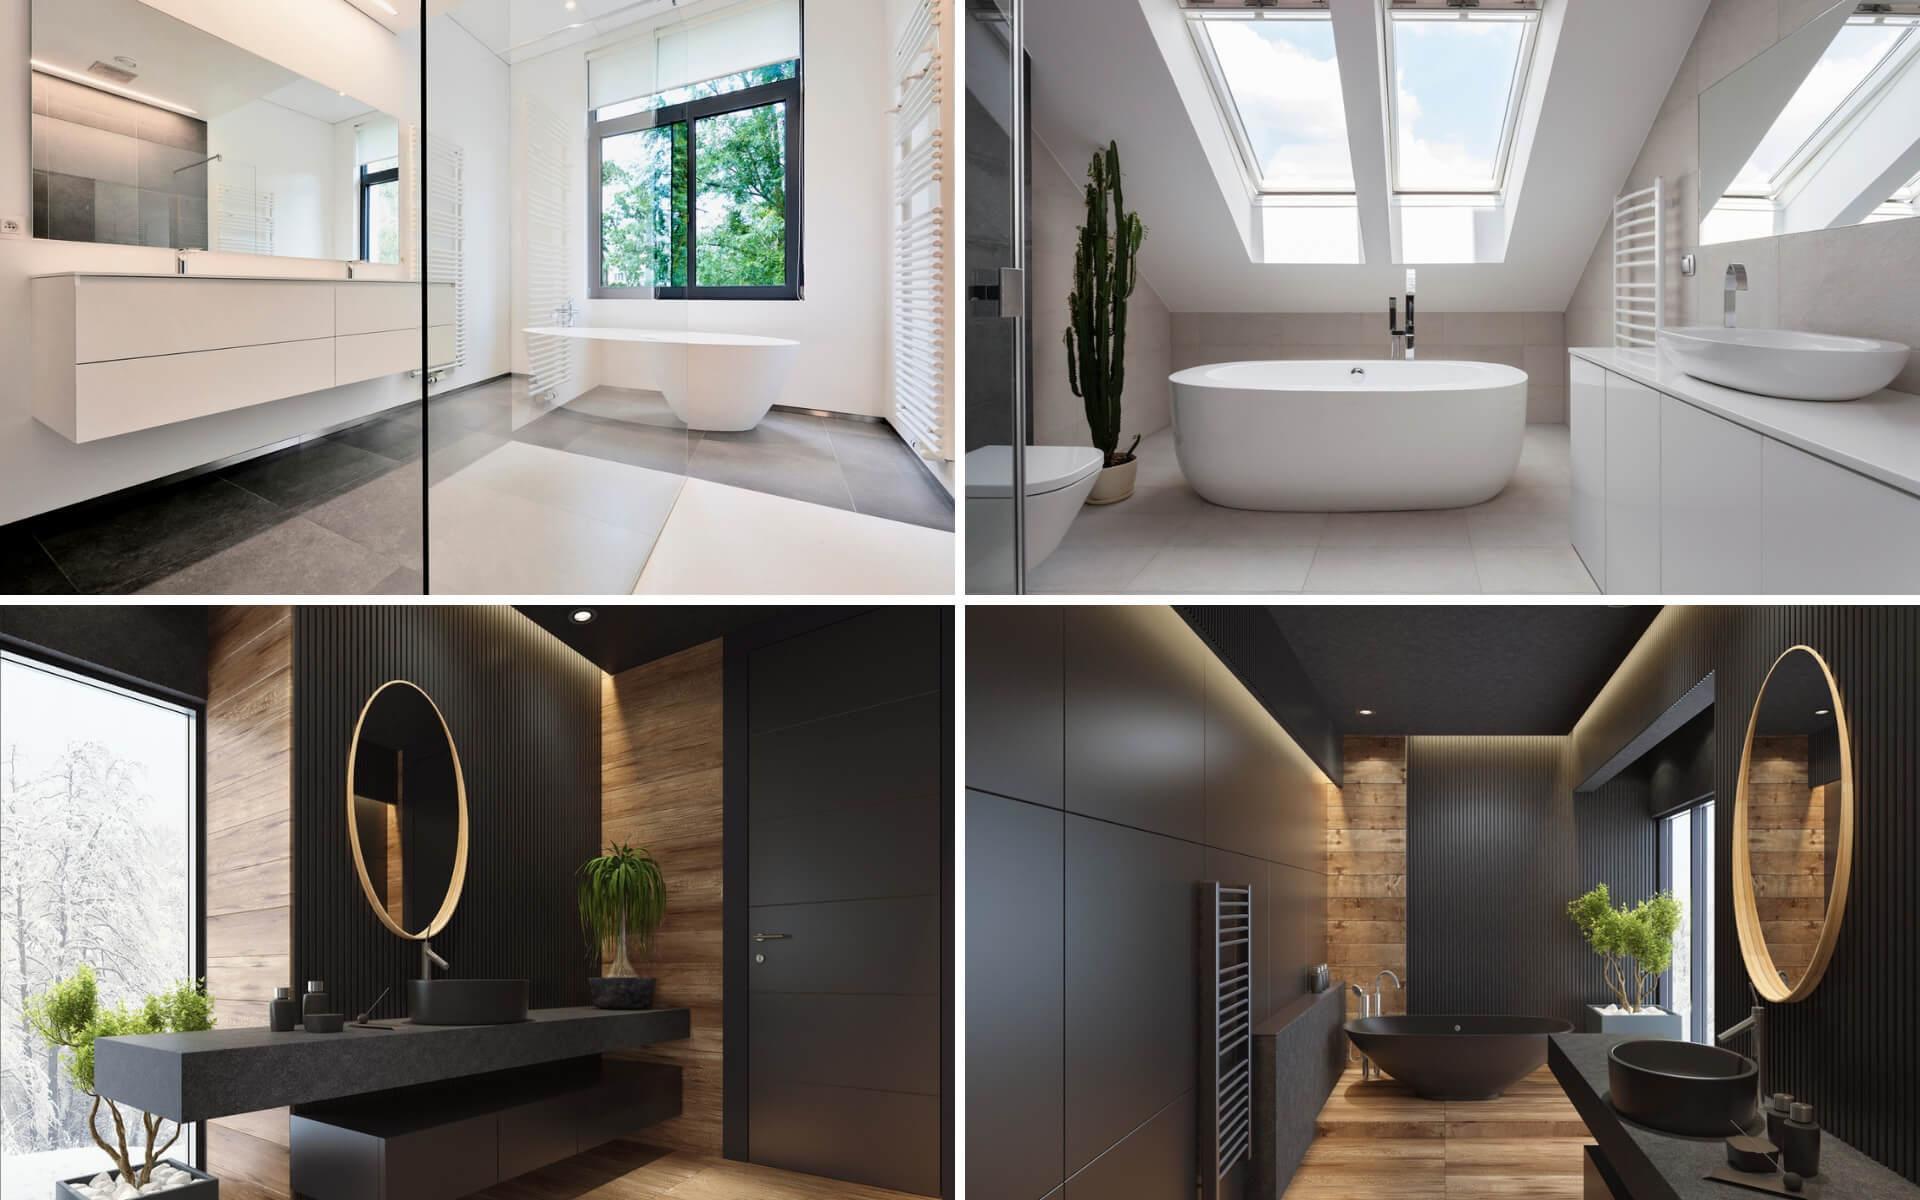 Esempi di come usare correttamente il colore nel bagno a seconda dello stile che si vuole dare